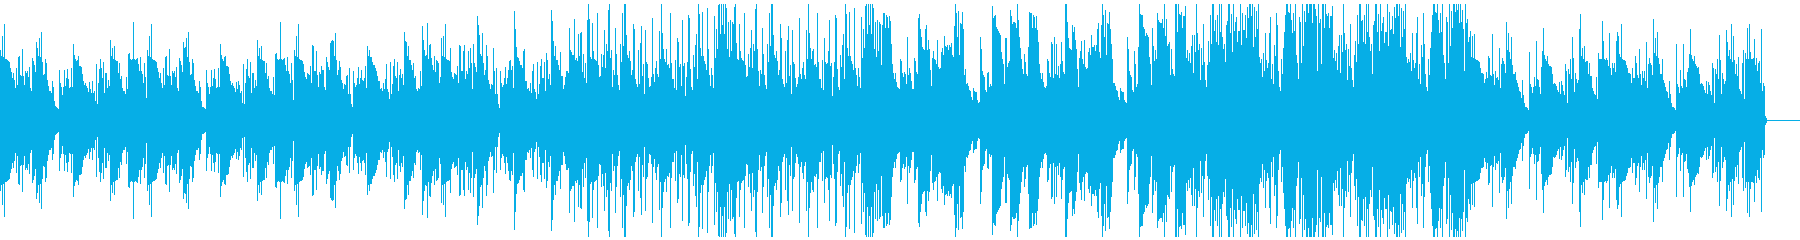 切ない雰囲気のローファイヒップホップの再生済みの波形